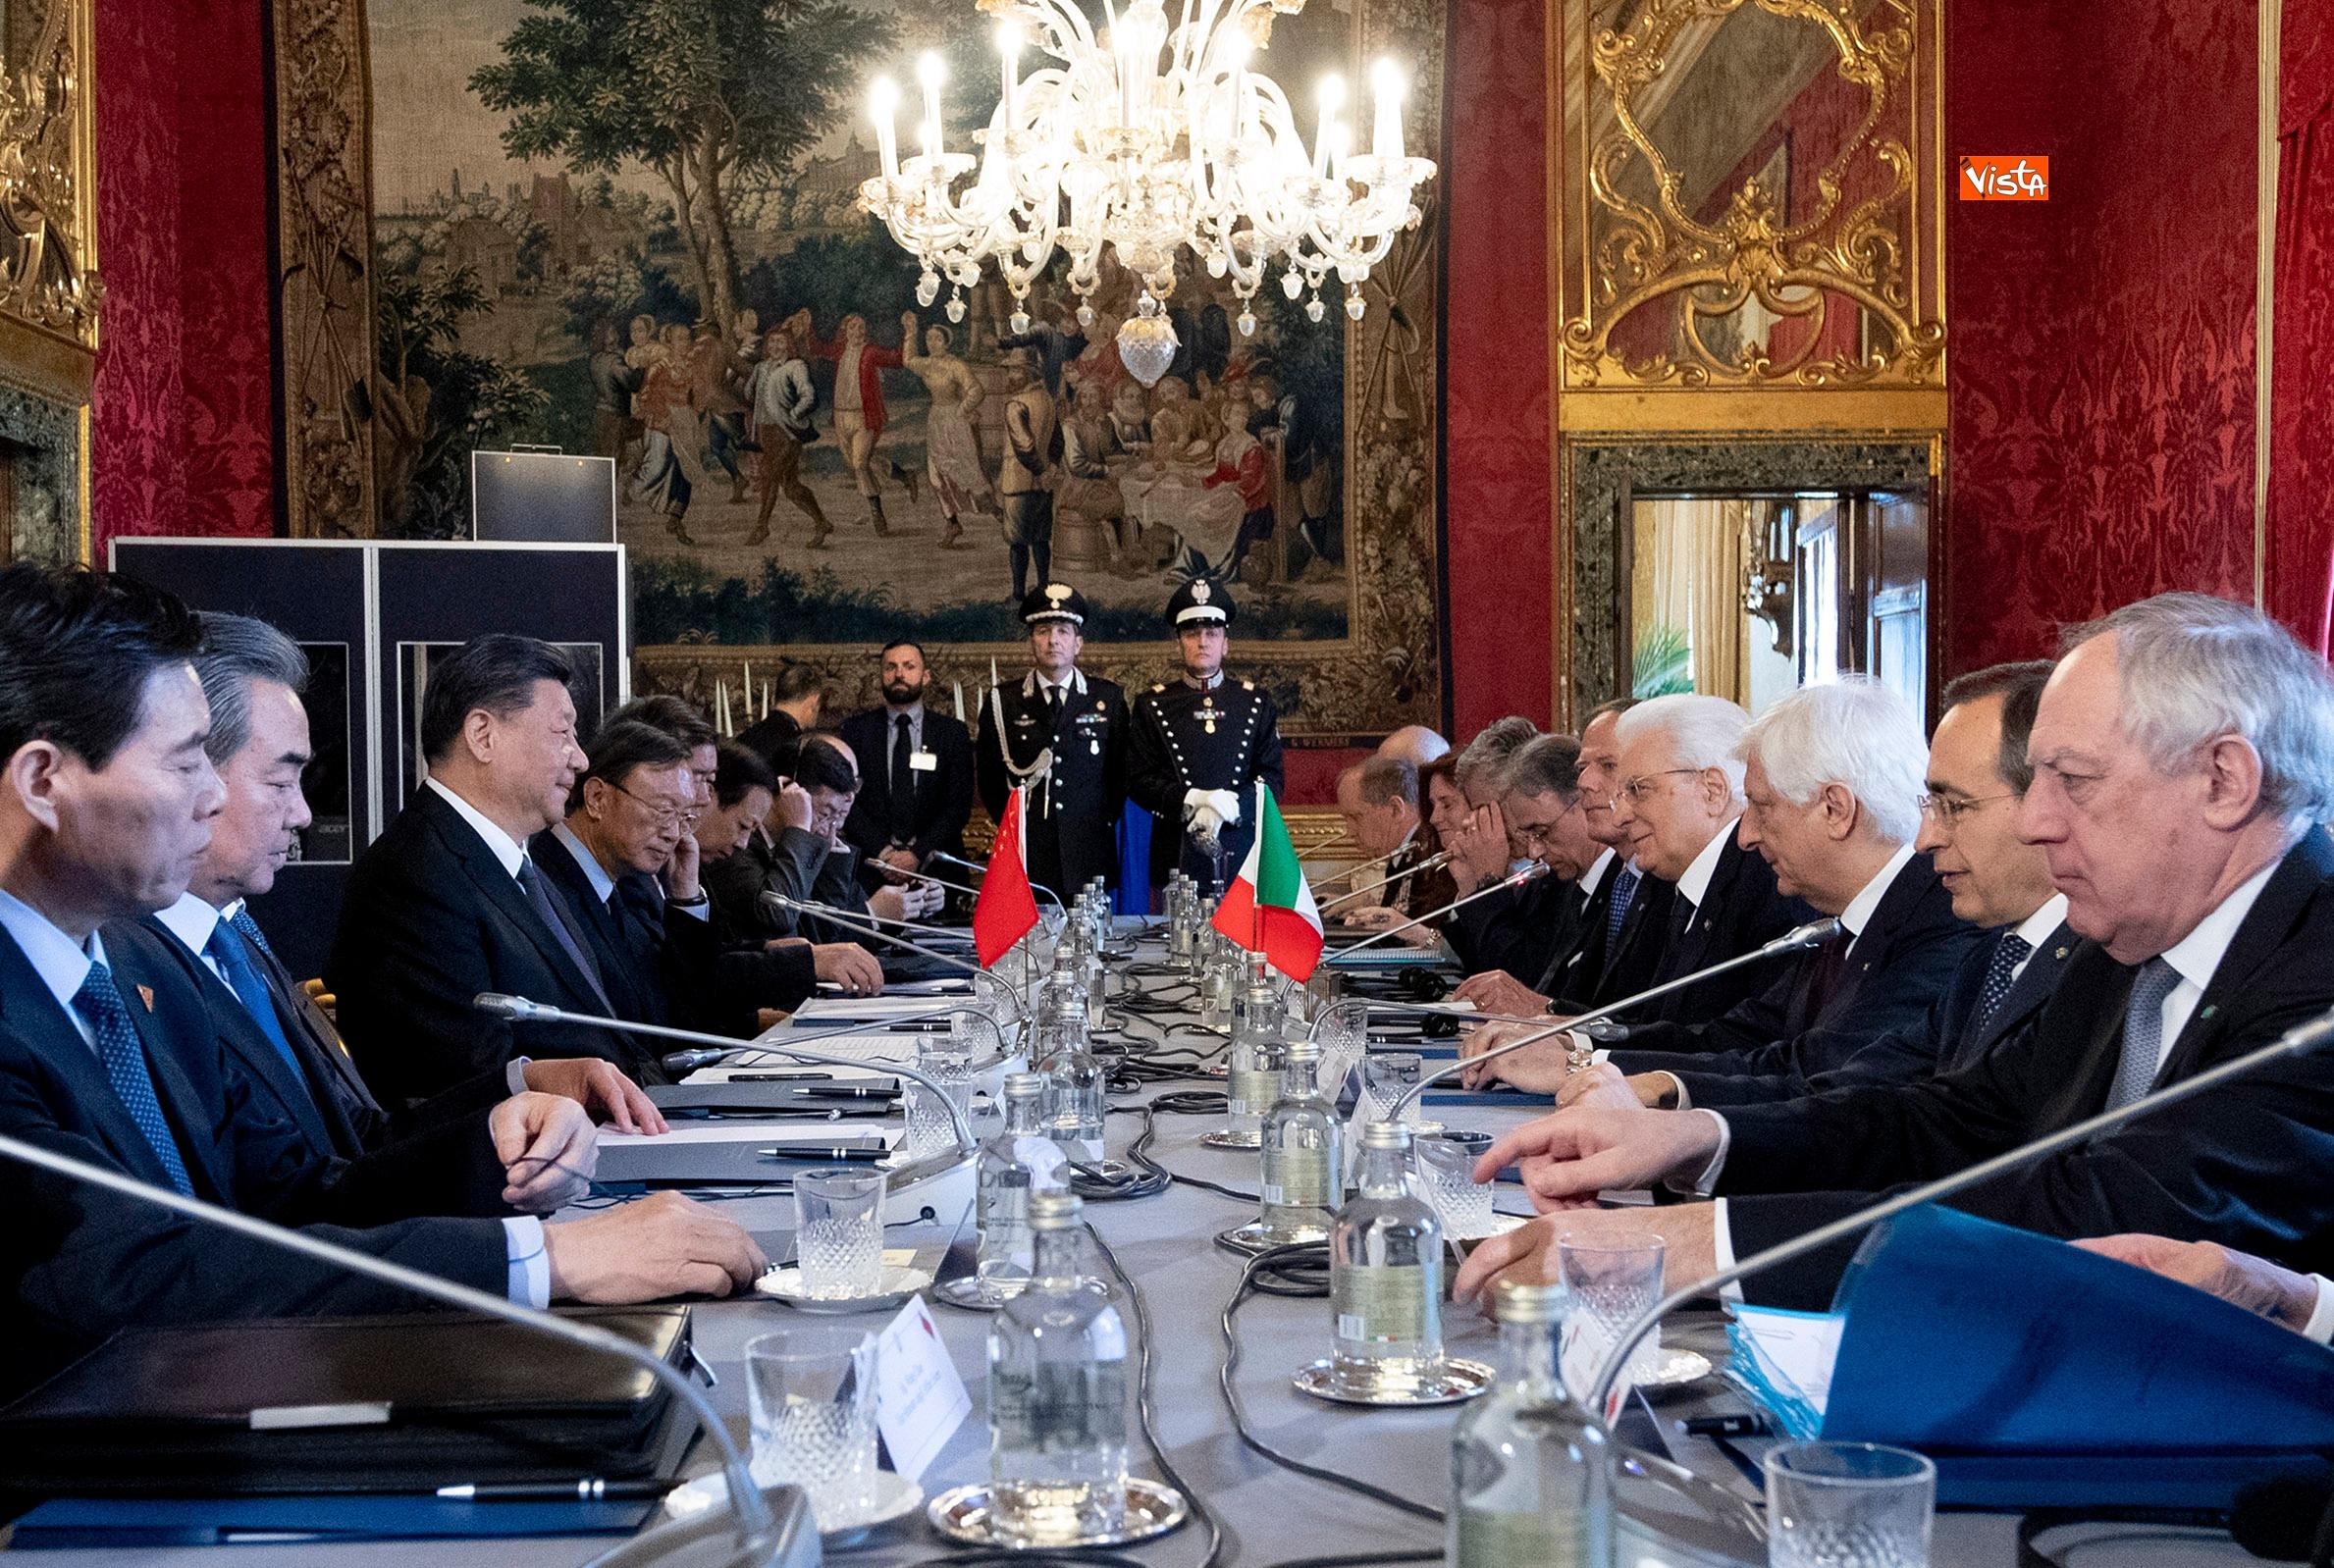 La visita del presidente della Repubblica cinese al Quirinale